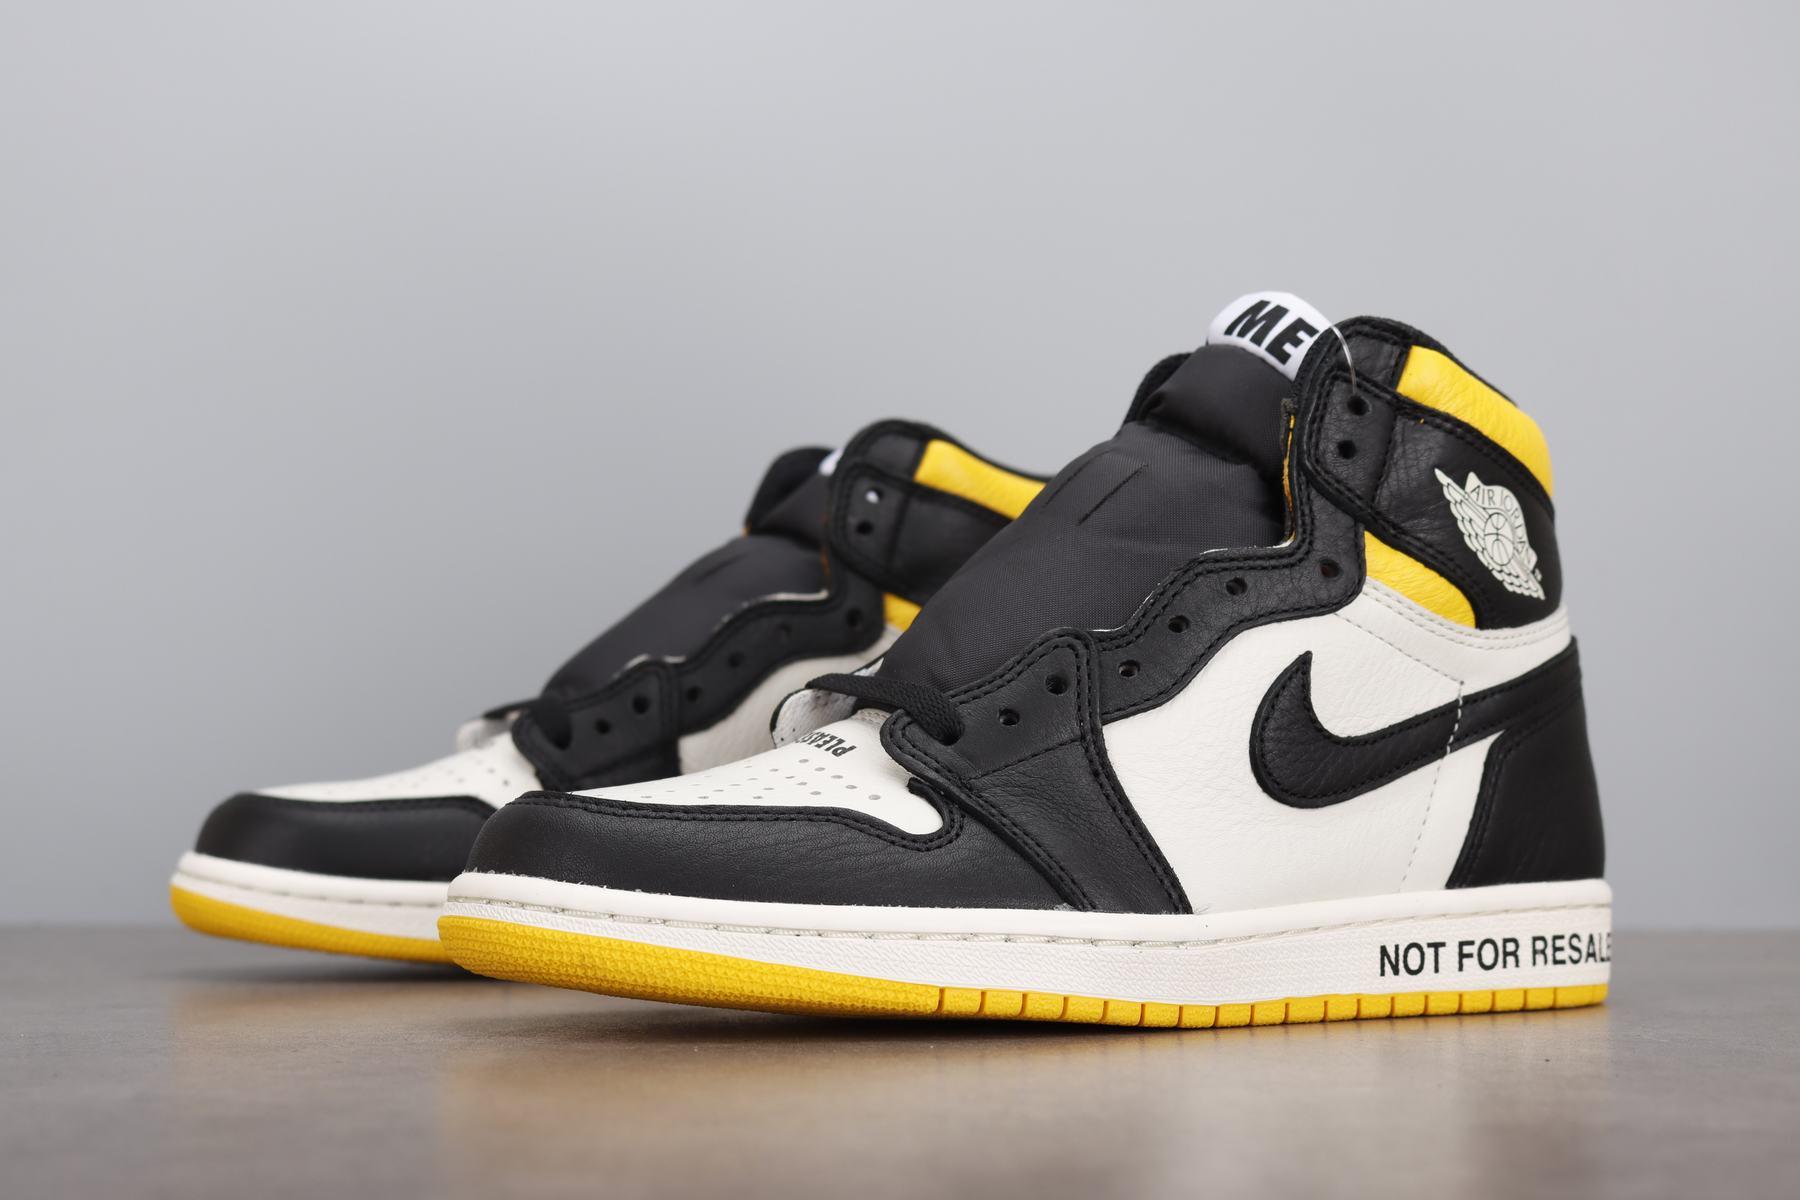 """LJR版本 Air Jordan1 NRG """"No L's"""" AJ1 禁止转卖 黑黄 861428-107_ljr版本好还是get版本好"""